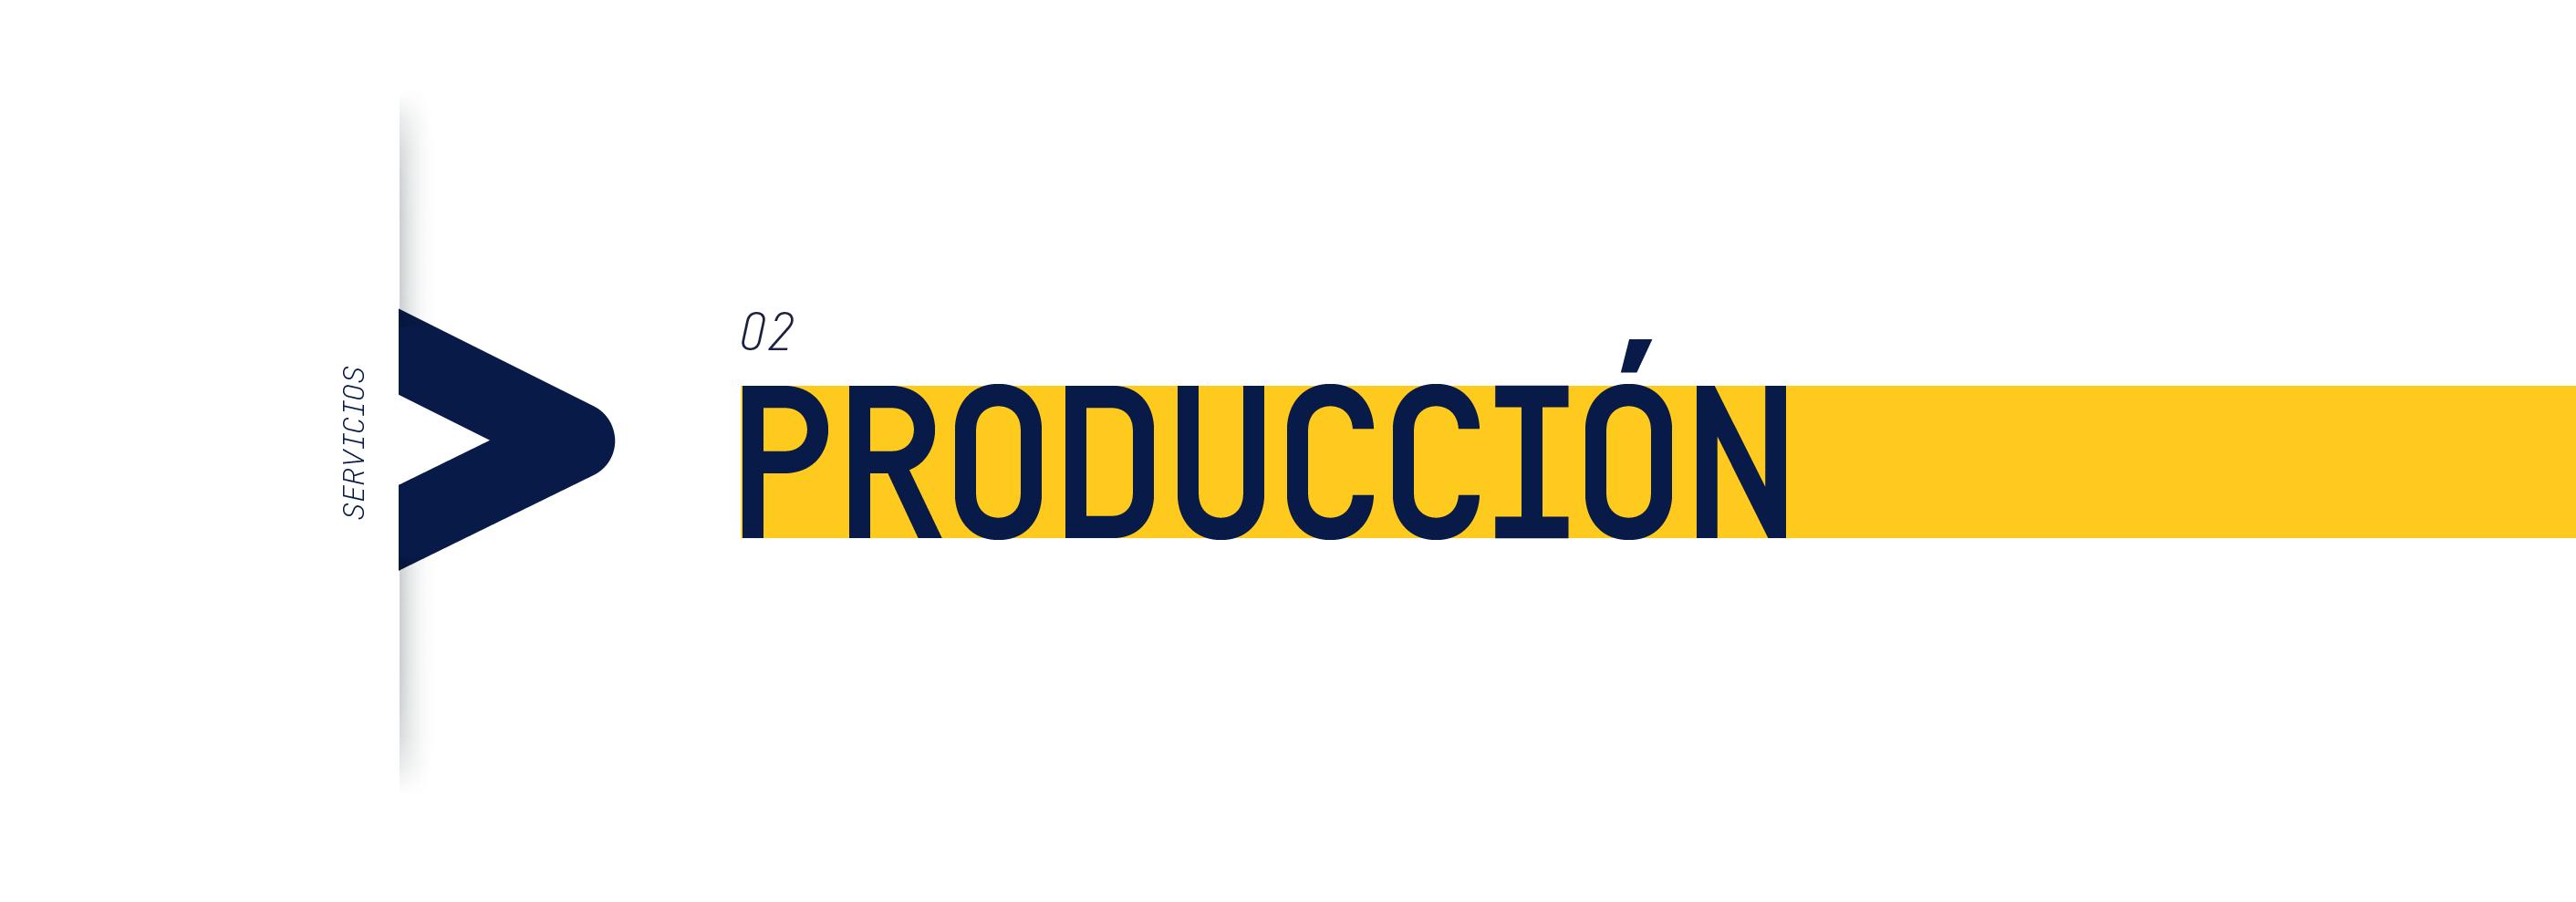 Cyma Comunicación Servicios: Producción